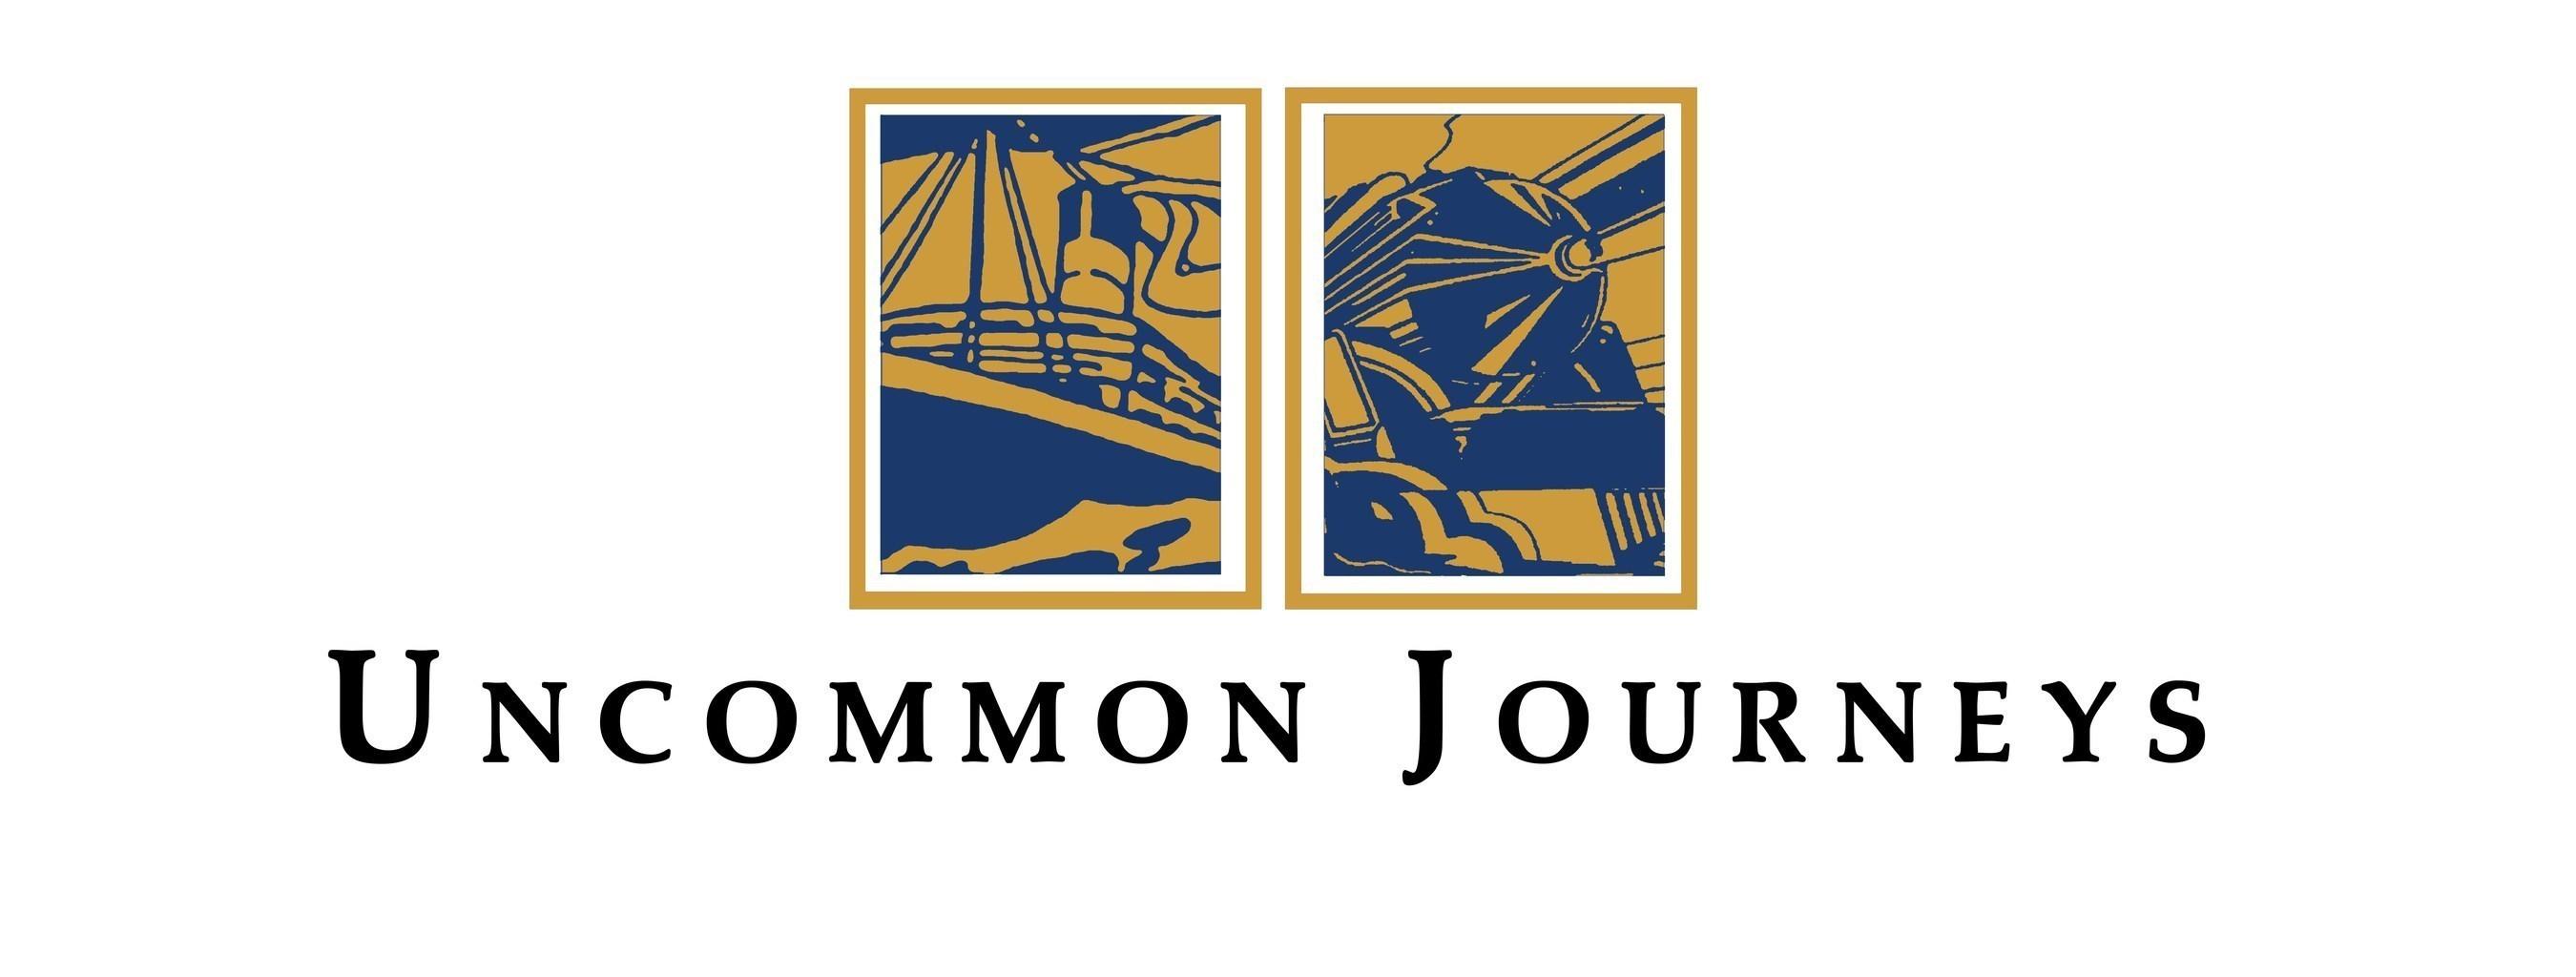 Uncommon Journeys